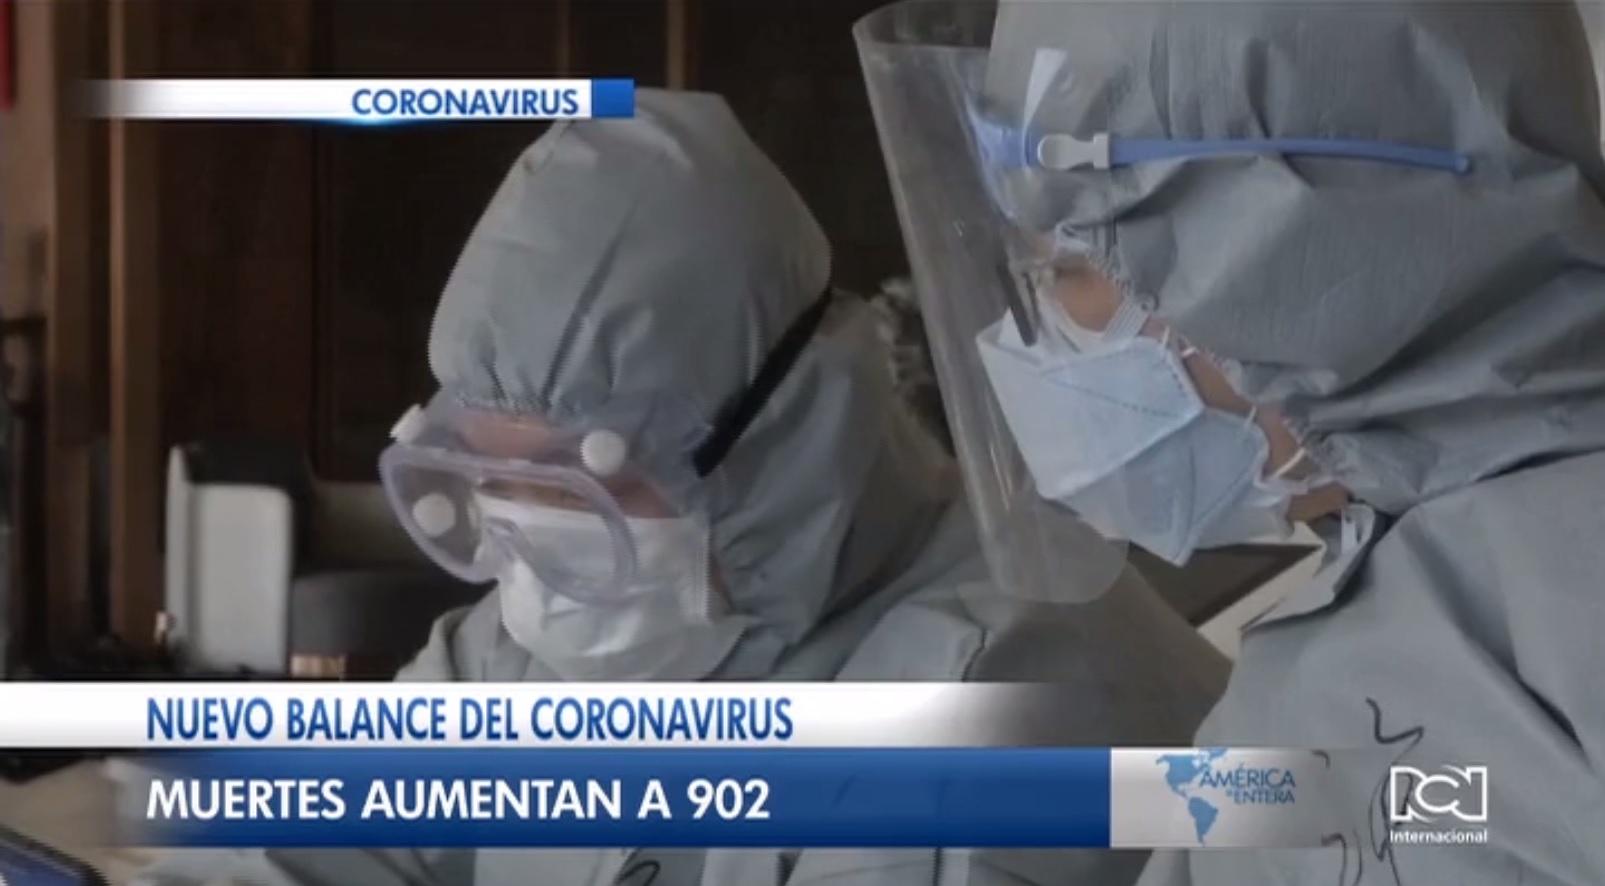 Elevan a 902 el número de víctimas mortales por coronavirus en China